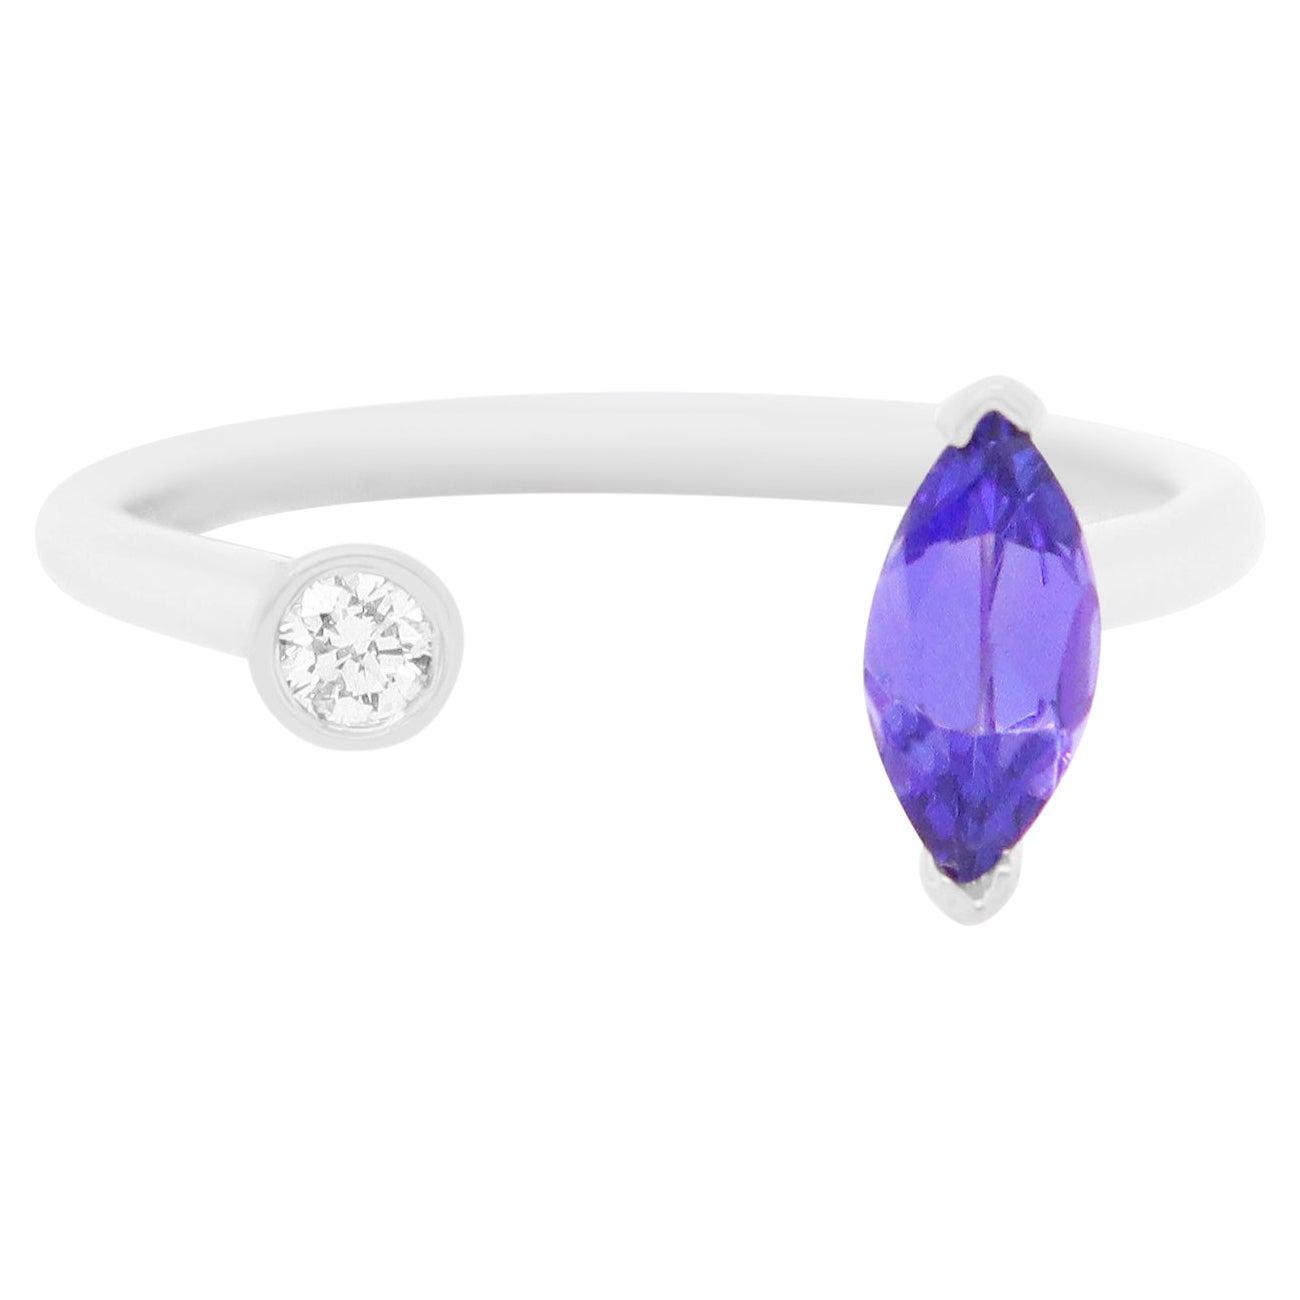 Tanzanite and Diamond Toi et Moi Ring